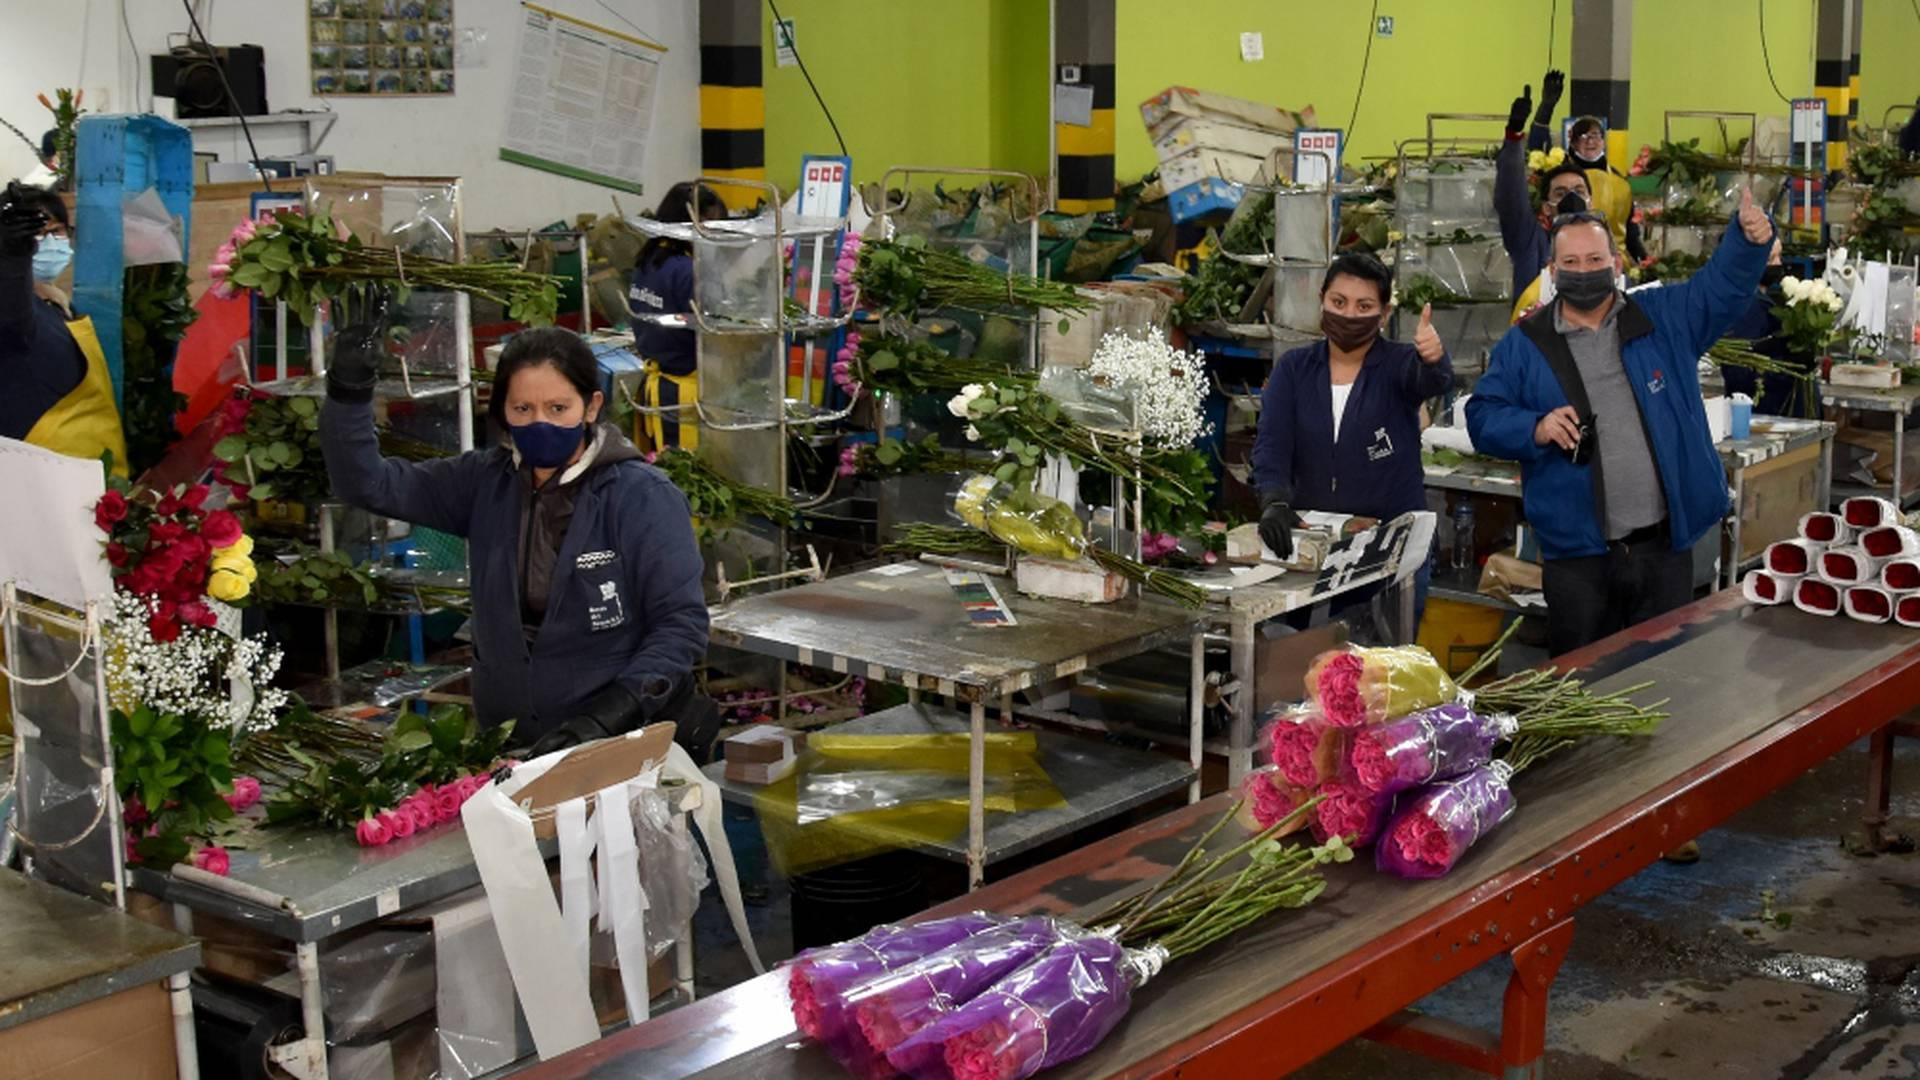 Trabajadores, empleados, industria, flores